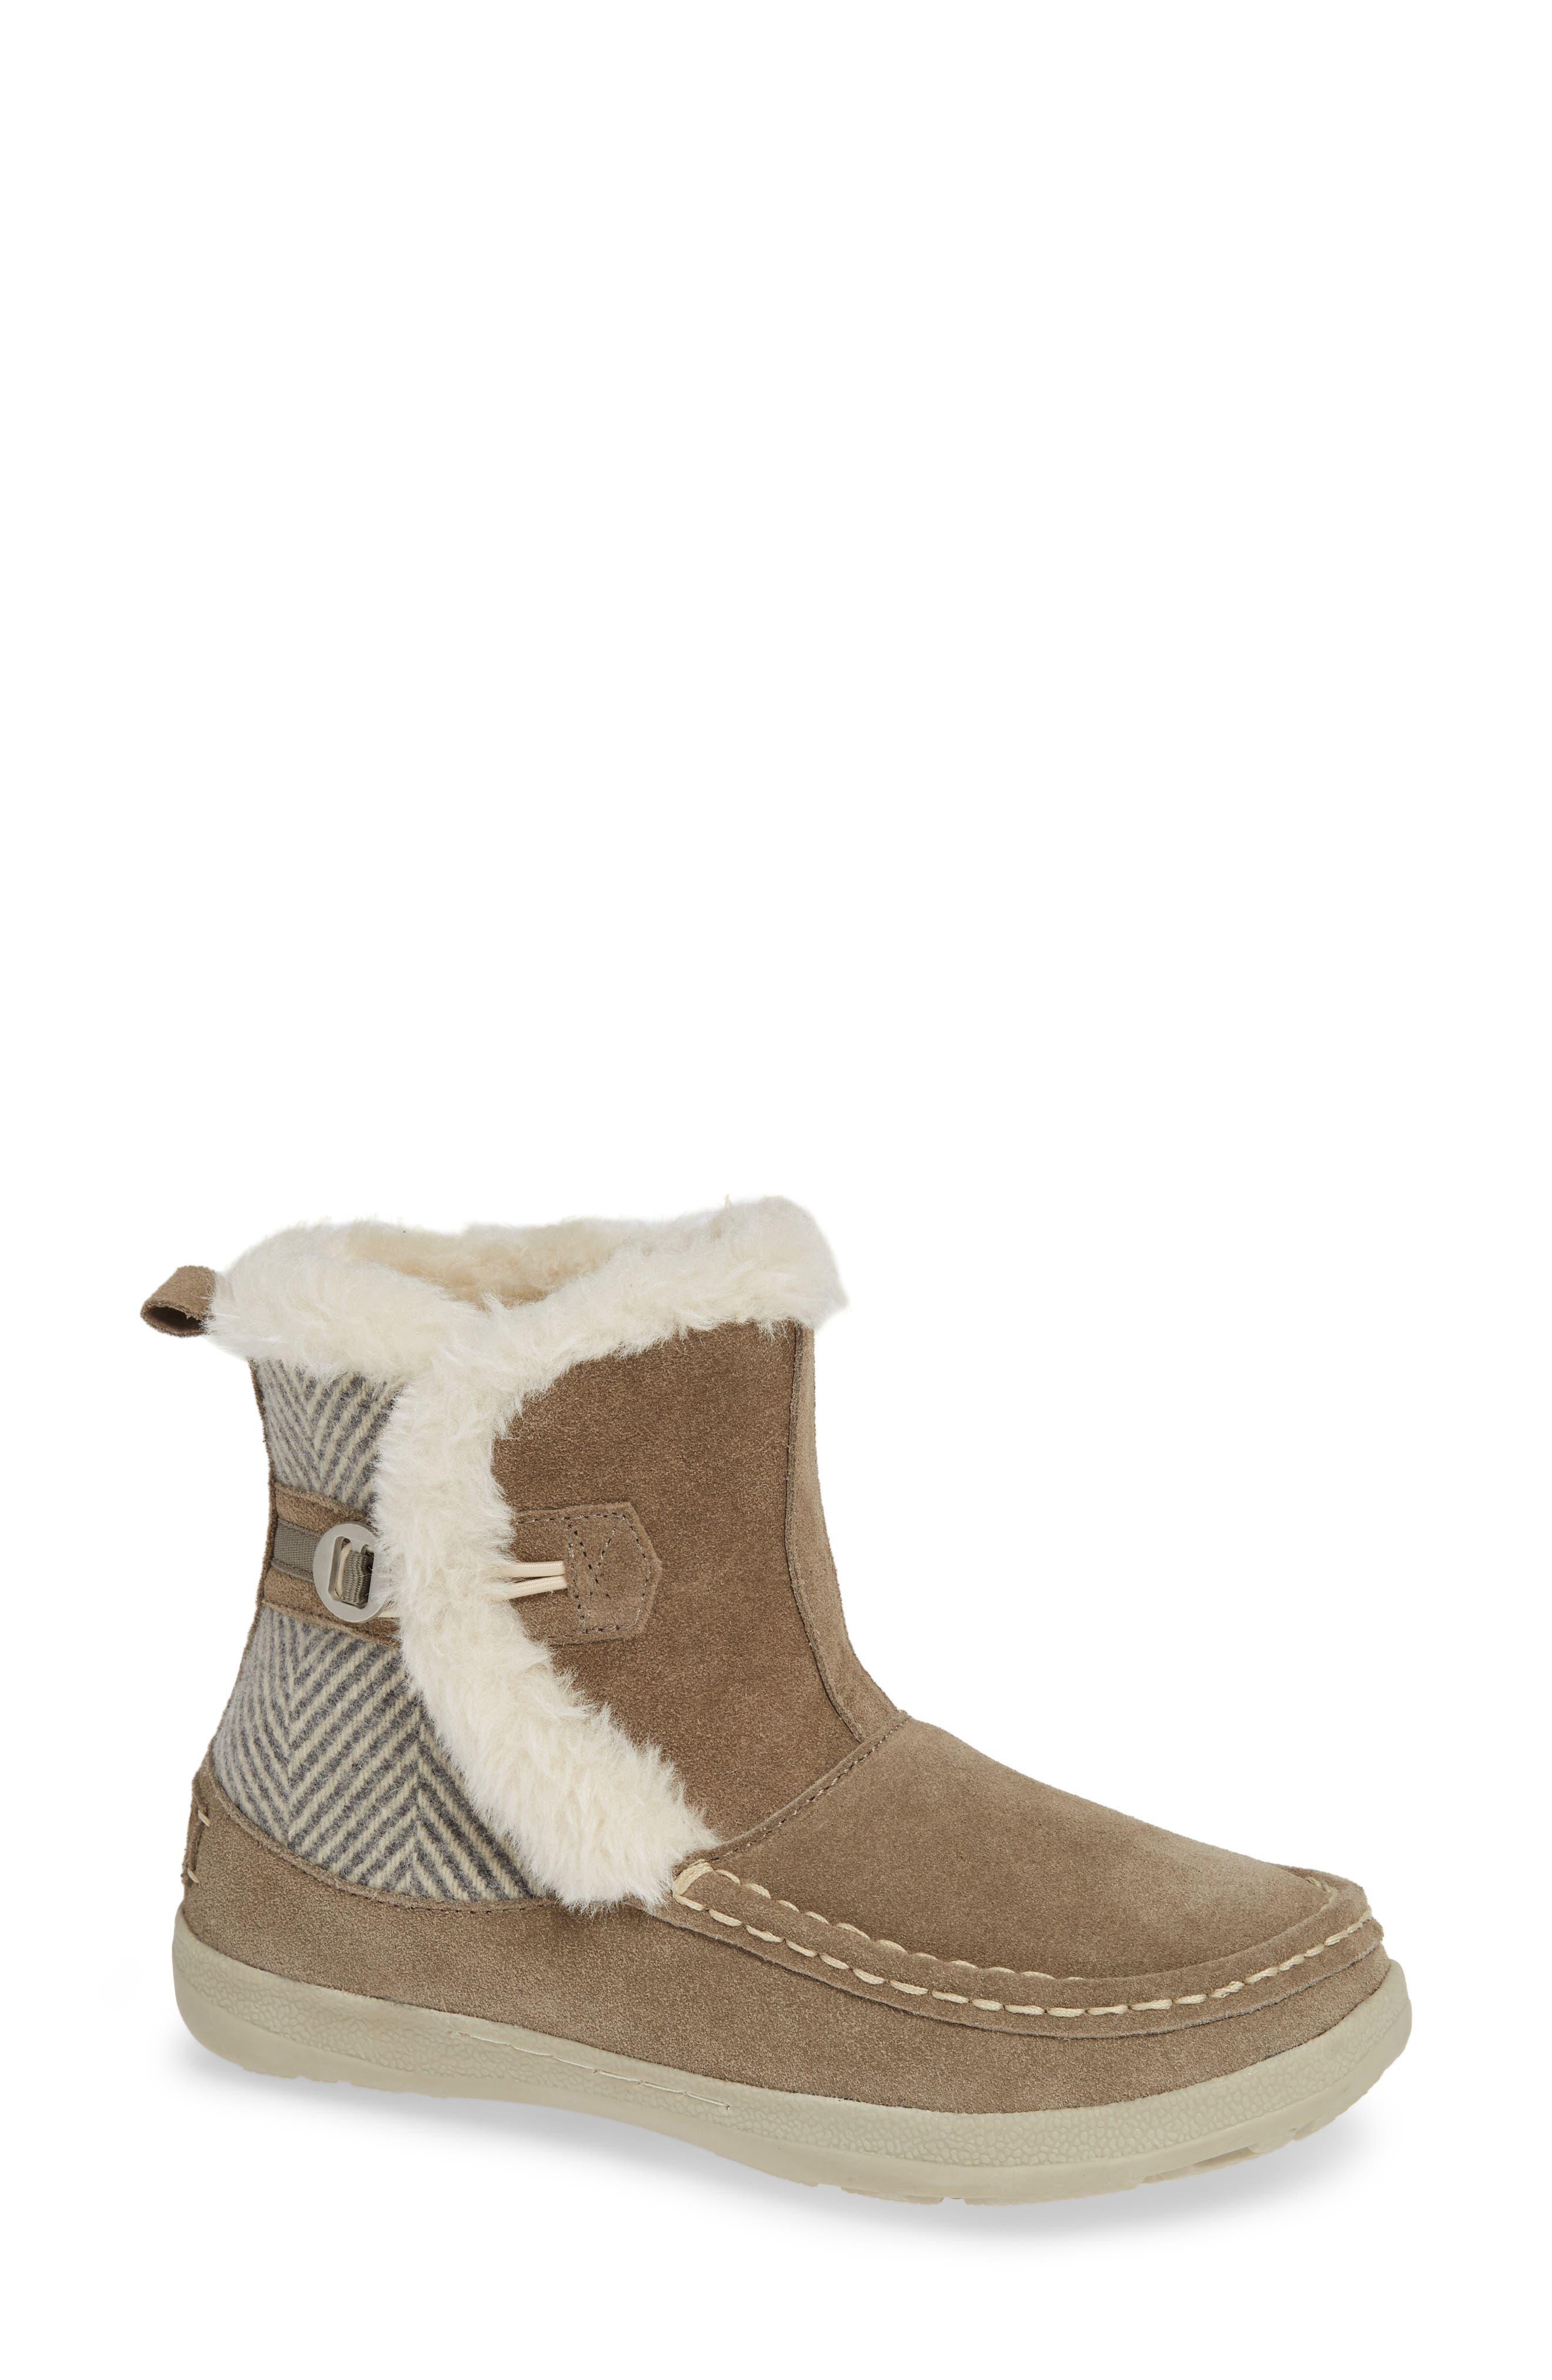 WOOLRICH,                             Pine Creek II Faux Fur Trim Boot,                             Main thumbnail 1, color,                             STEEL/ HERRINGBONE SUEDE